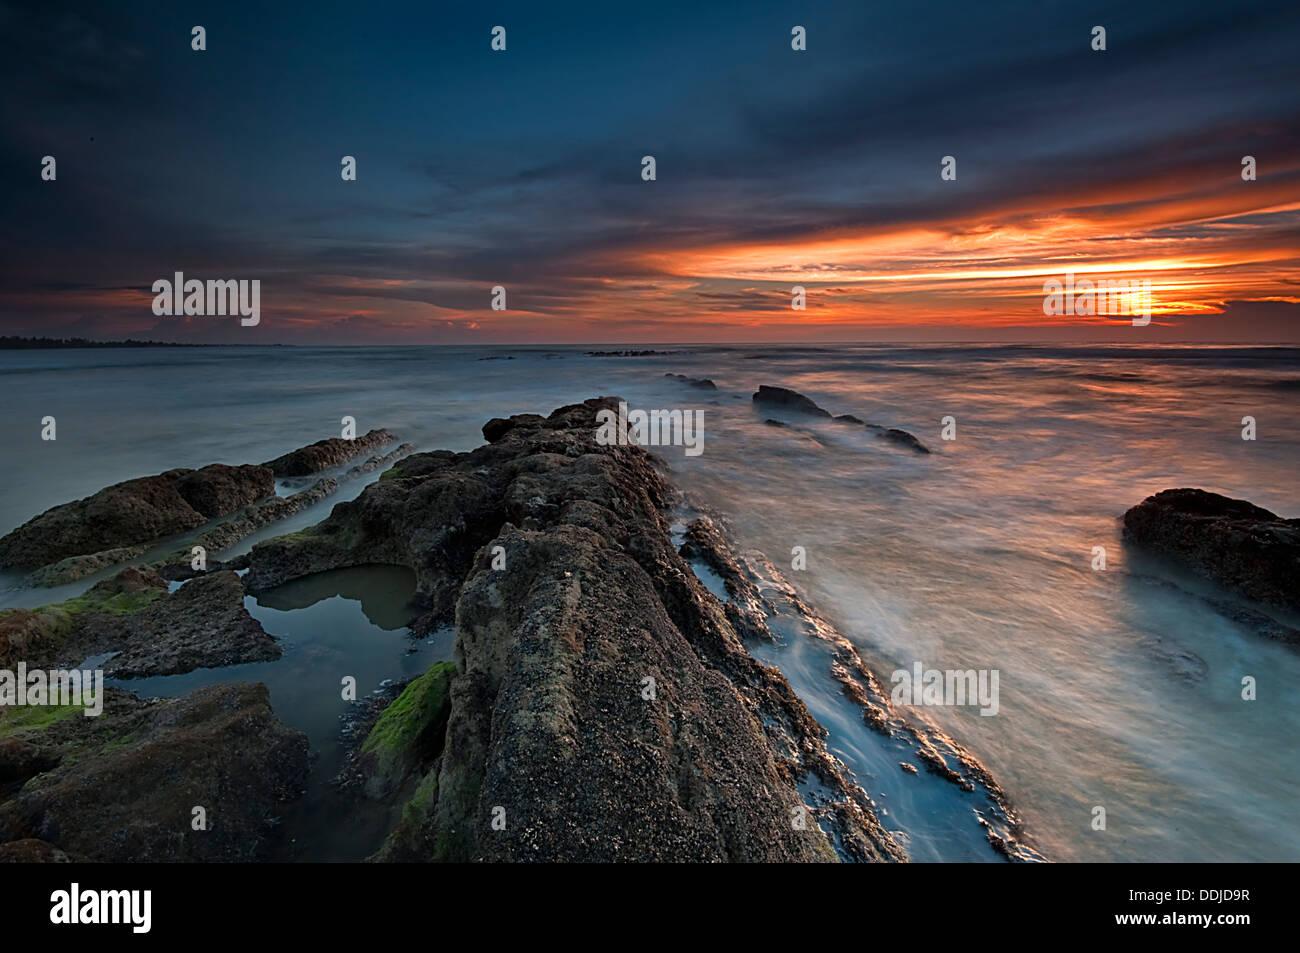 Sunset at Miri Beach - Stock Image